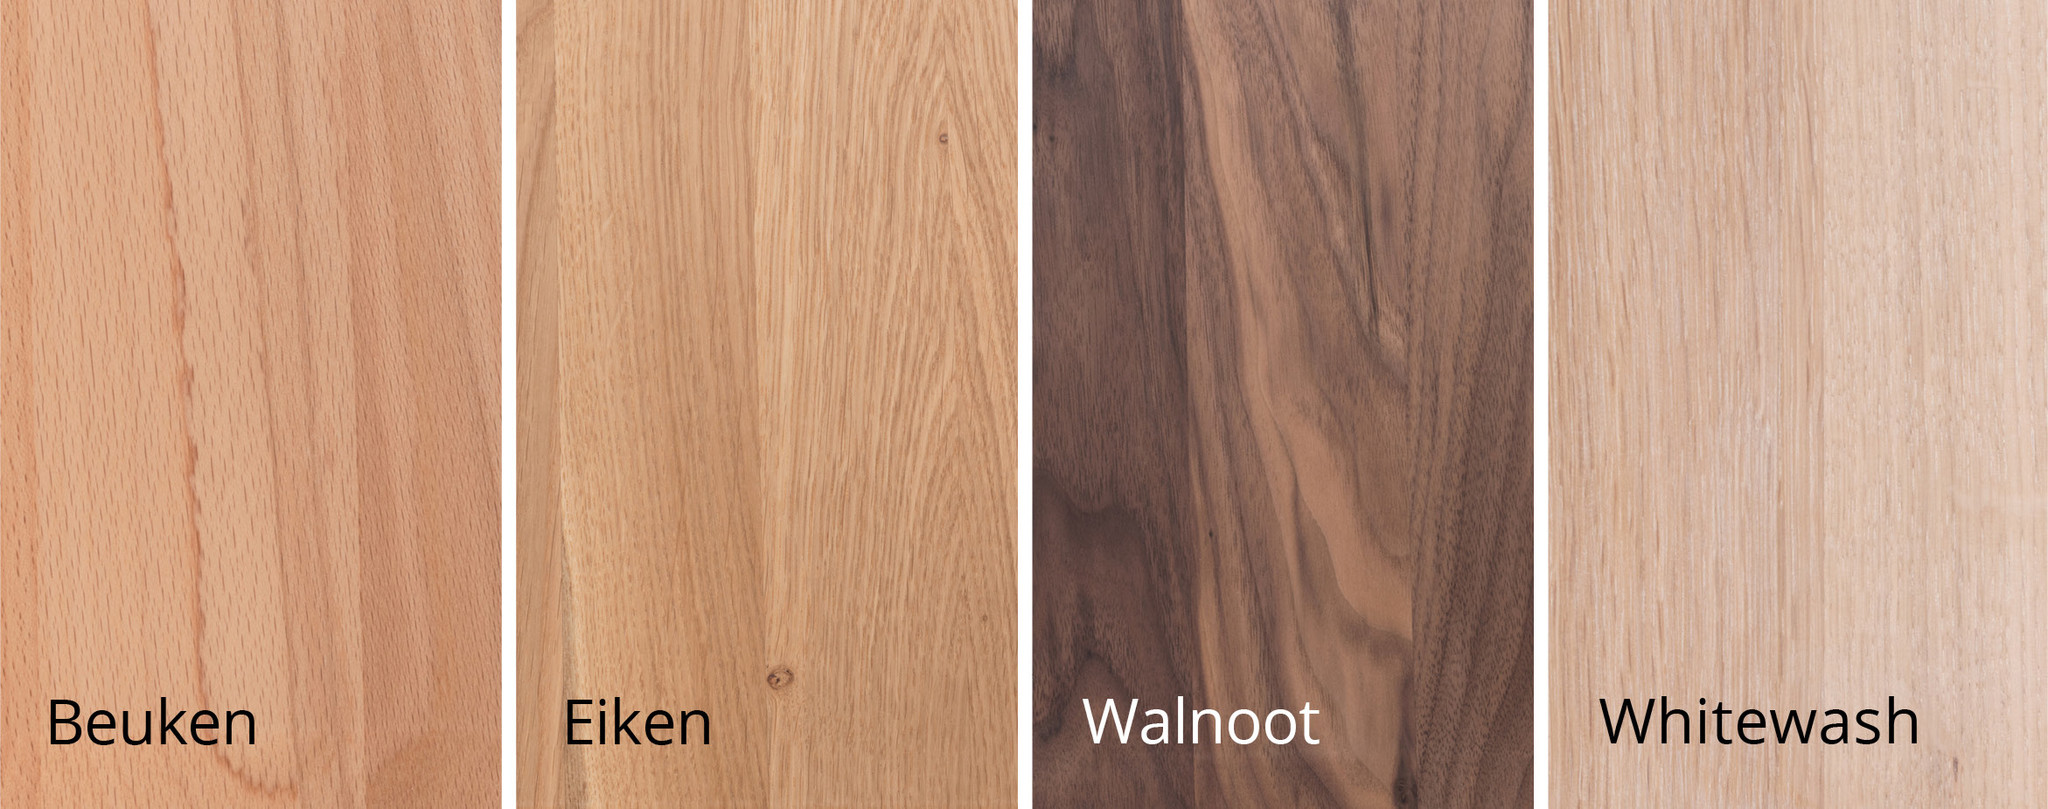 Sav&Okse houtsoorten